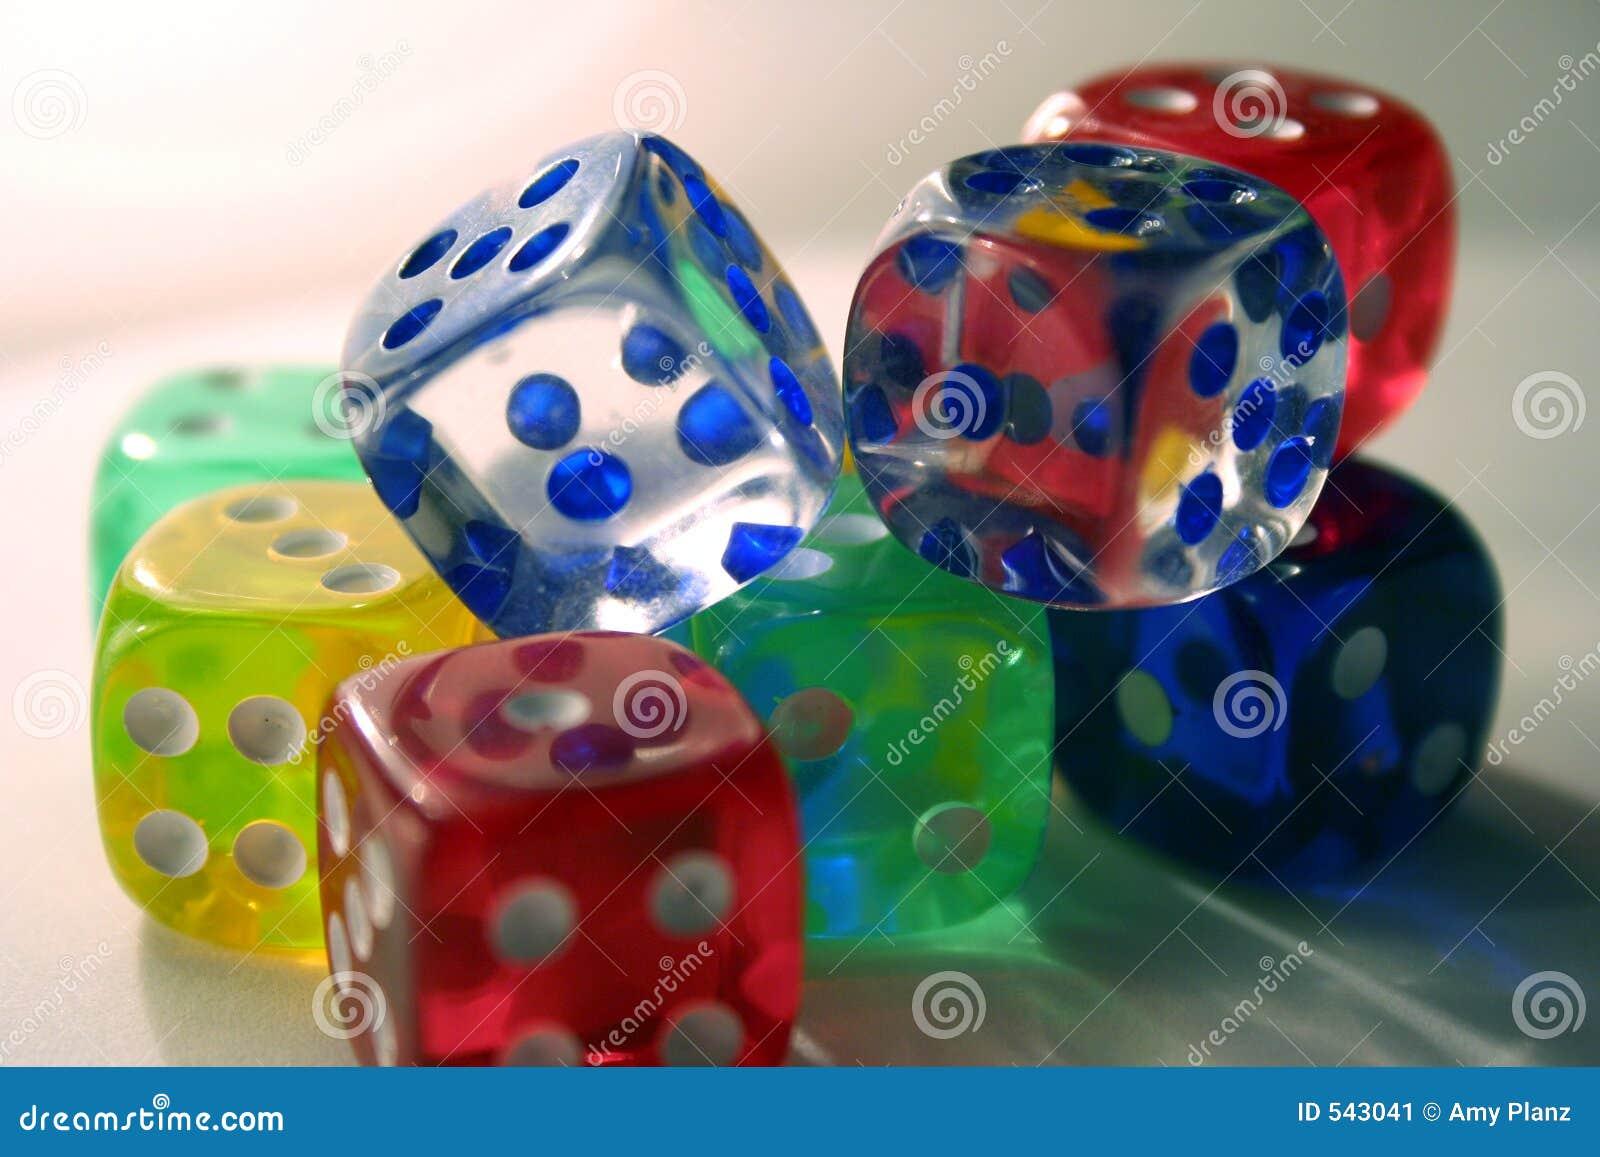 Download 多色的彀子 库存图片. 图片 包括有 黄色, 结算, 蓝色, 跟斗, 中断, 抽象, 孩子, 赌博, 颜色, 作用 - 543041